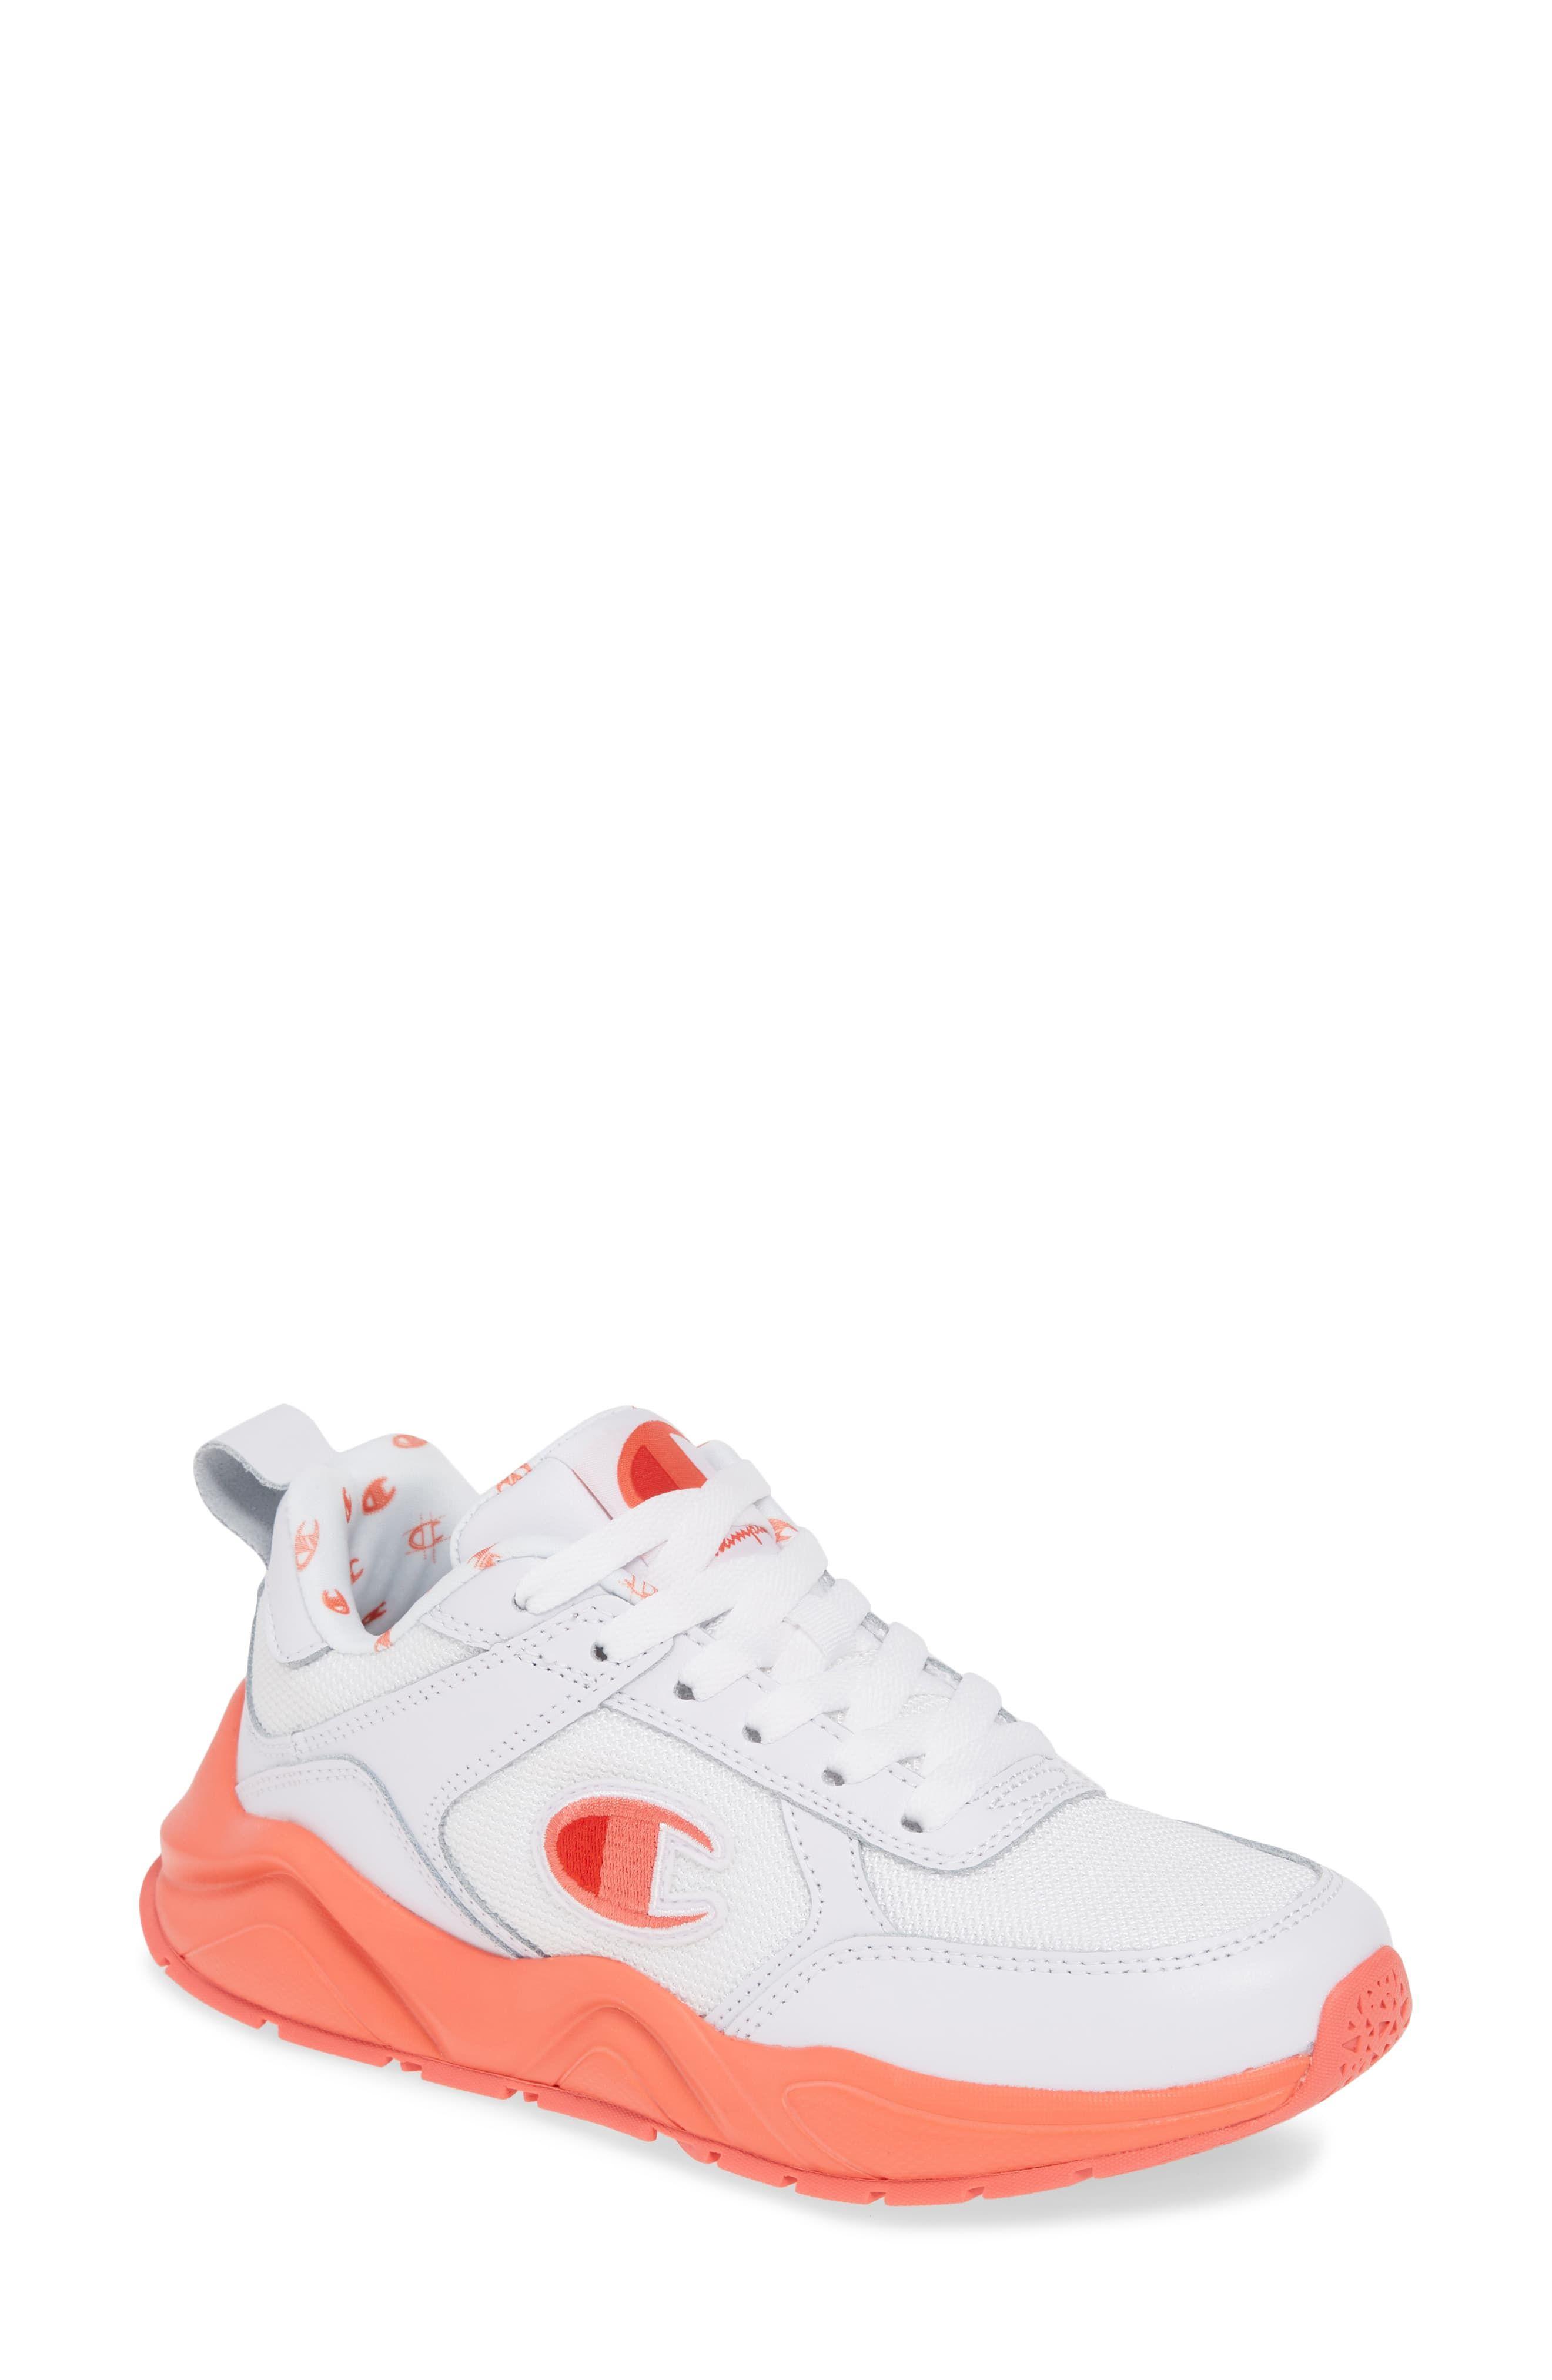 Champion 93 Eighteen Dip Sneaker Women Nordstrom Womens Sneakers Sneakers Sneakers White [ 4048 x 2640 Pixel ]